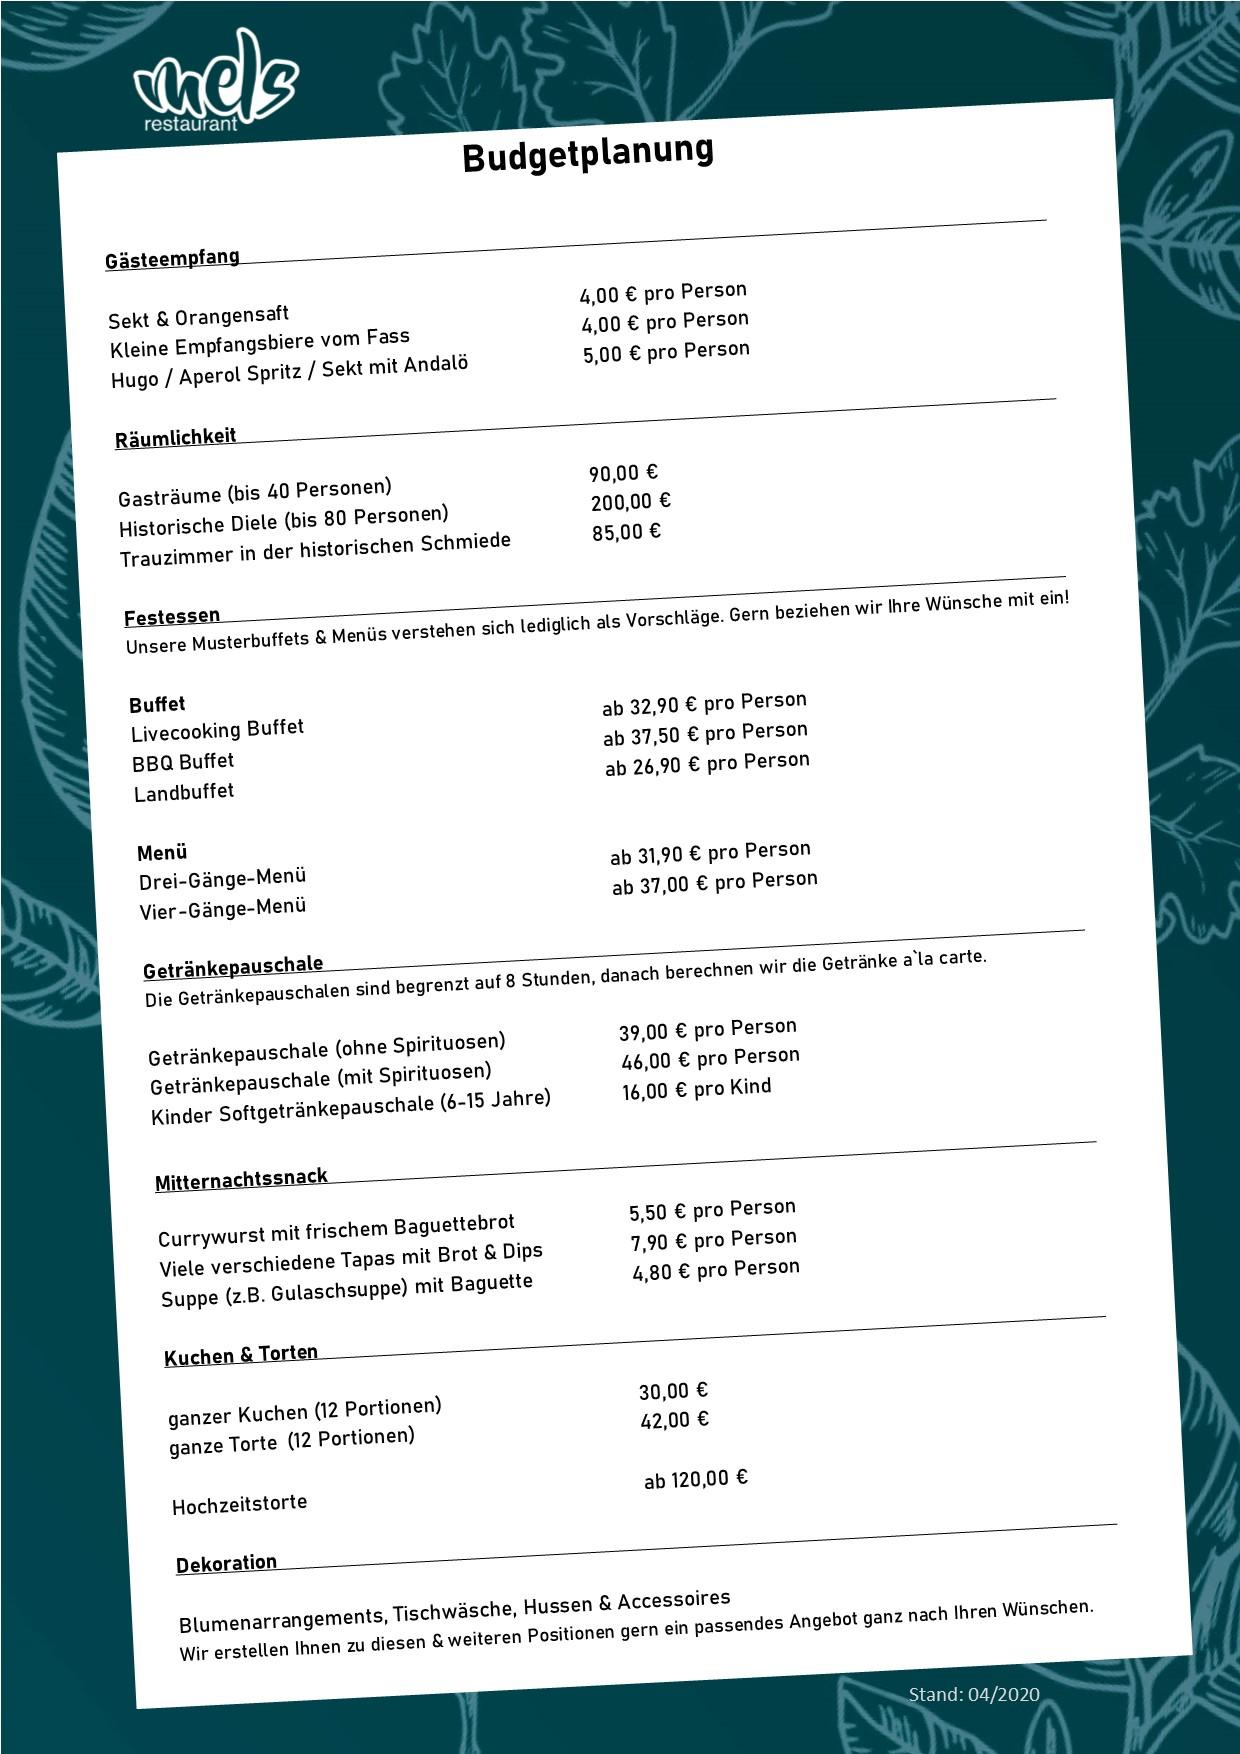 Budgetplaner Mels Restaurant Event Tagung Hochzeit Hof Viehbrook